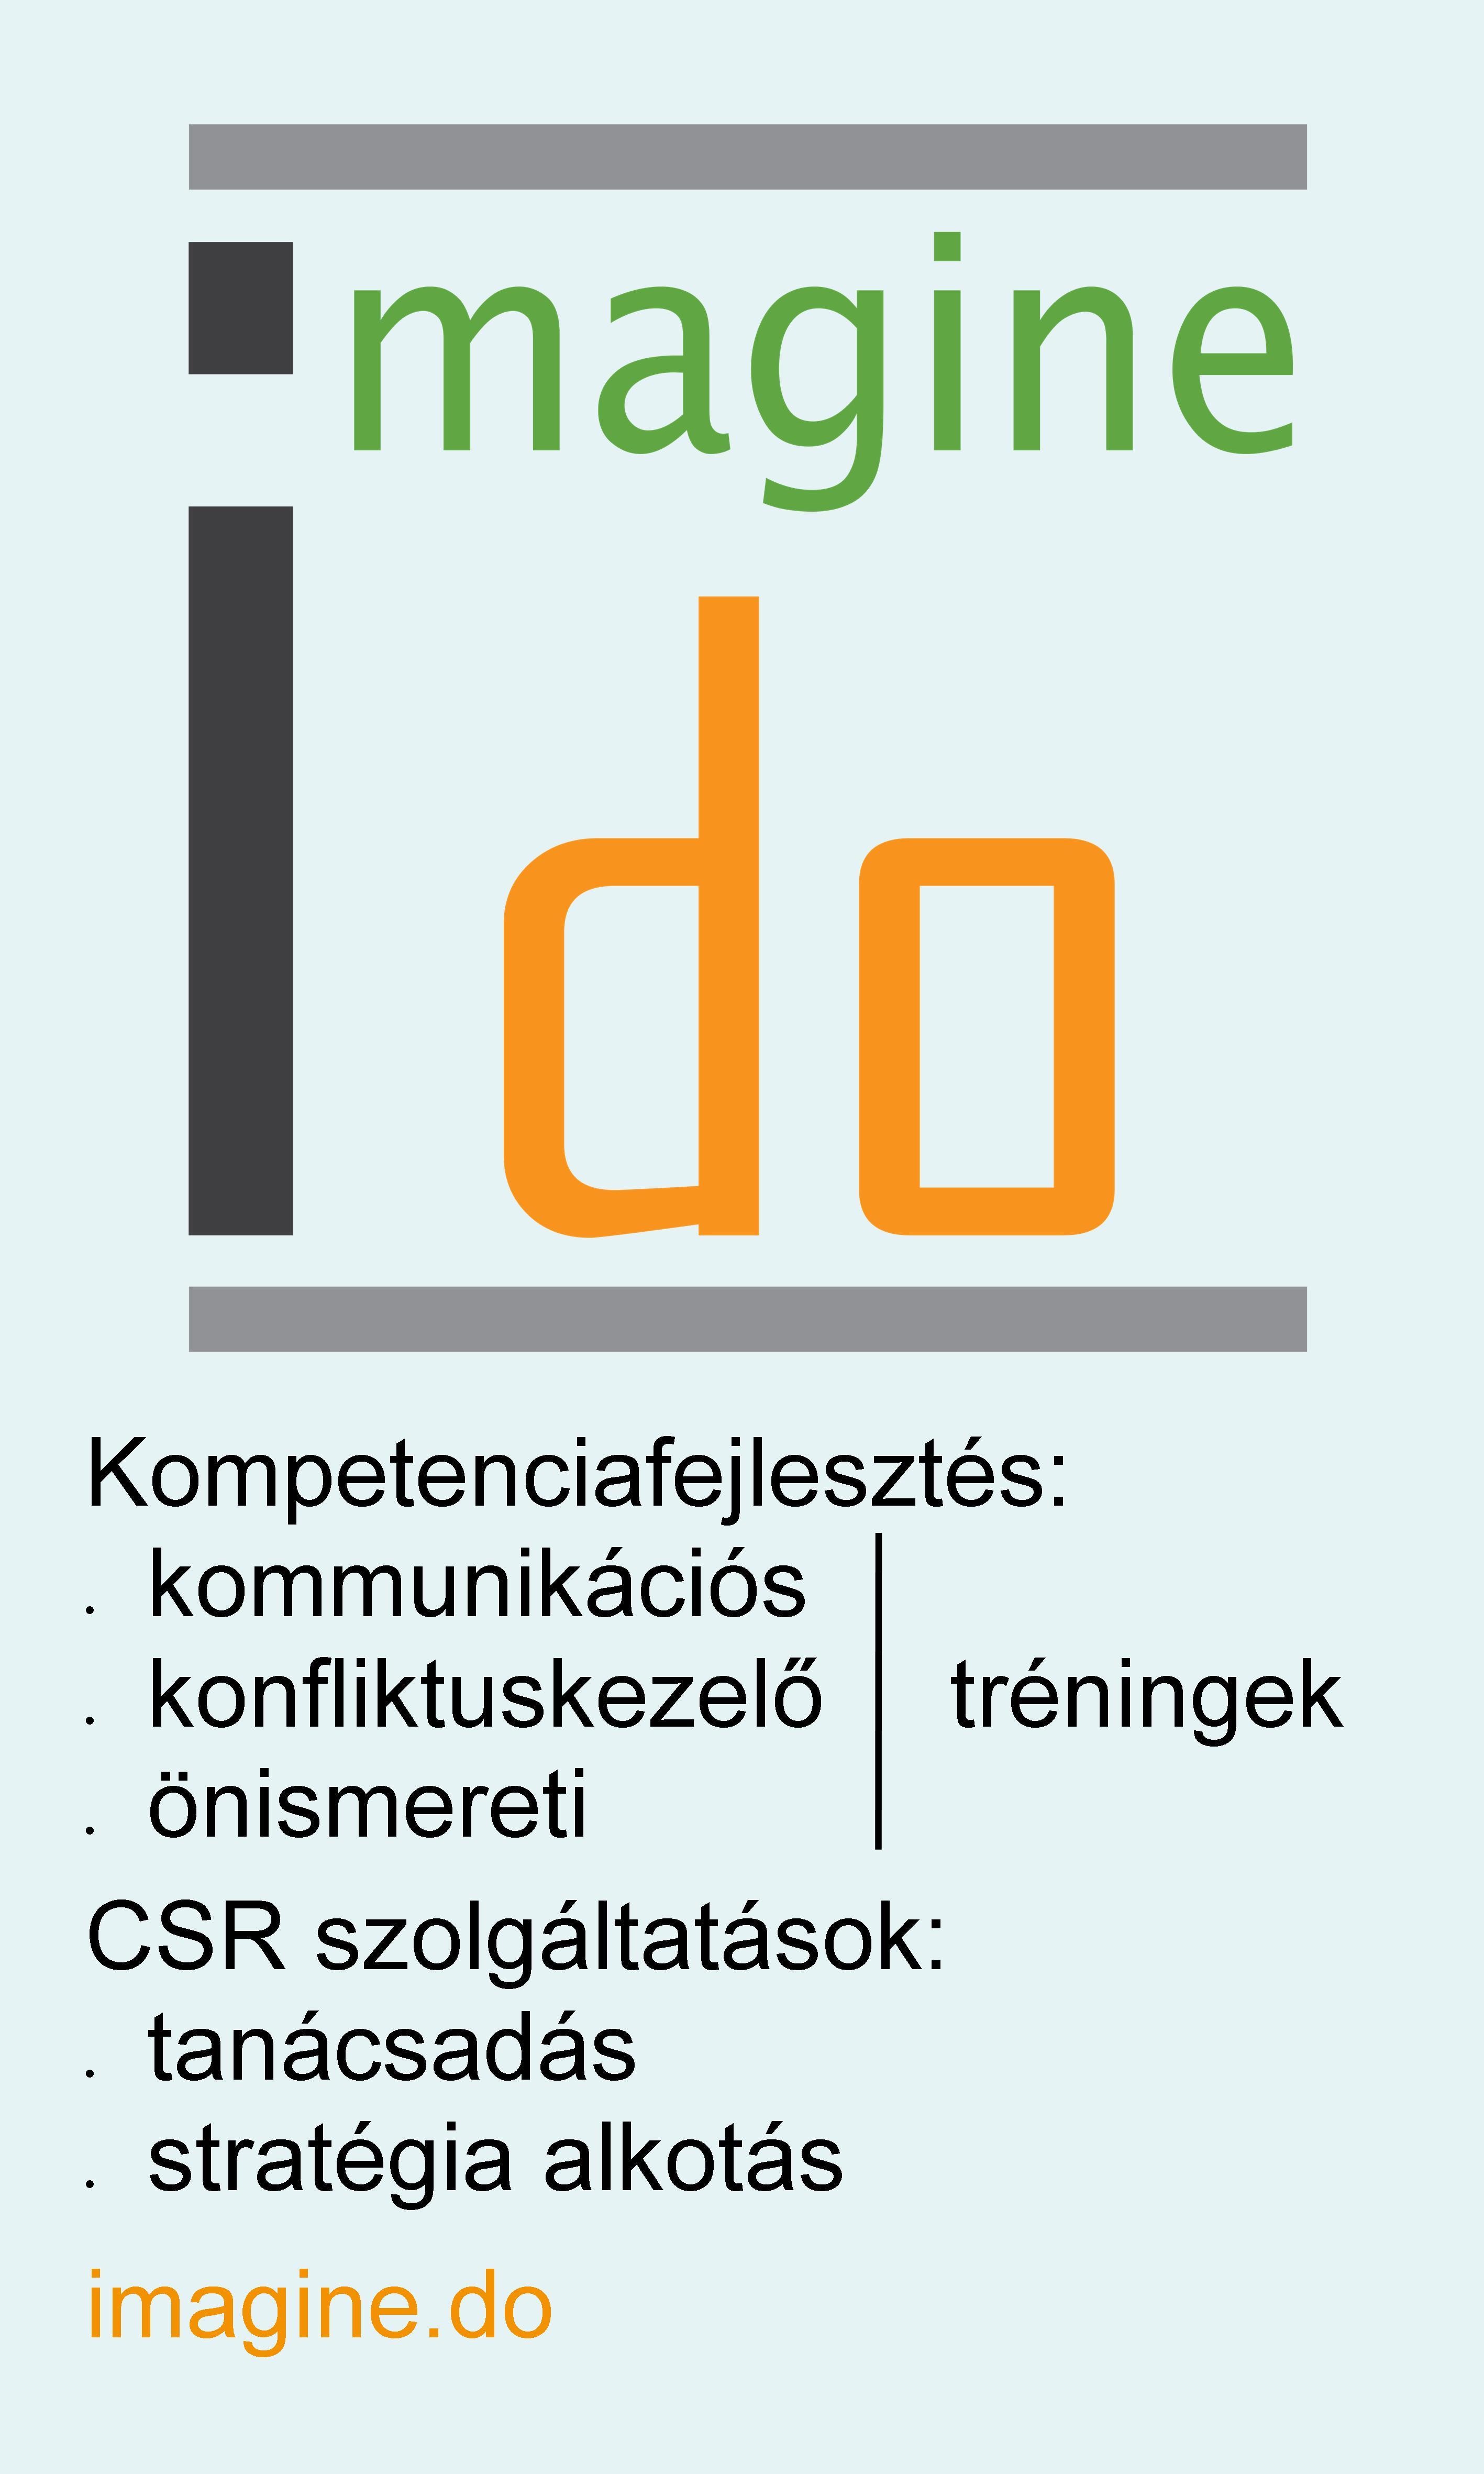 banner_fuggoleges_teglalap_02.jpg